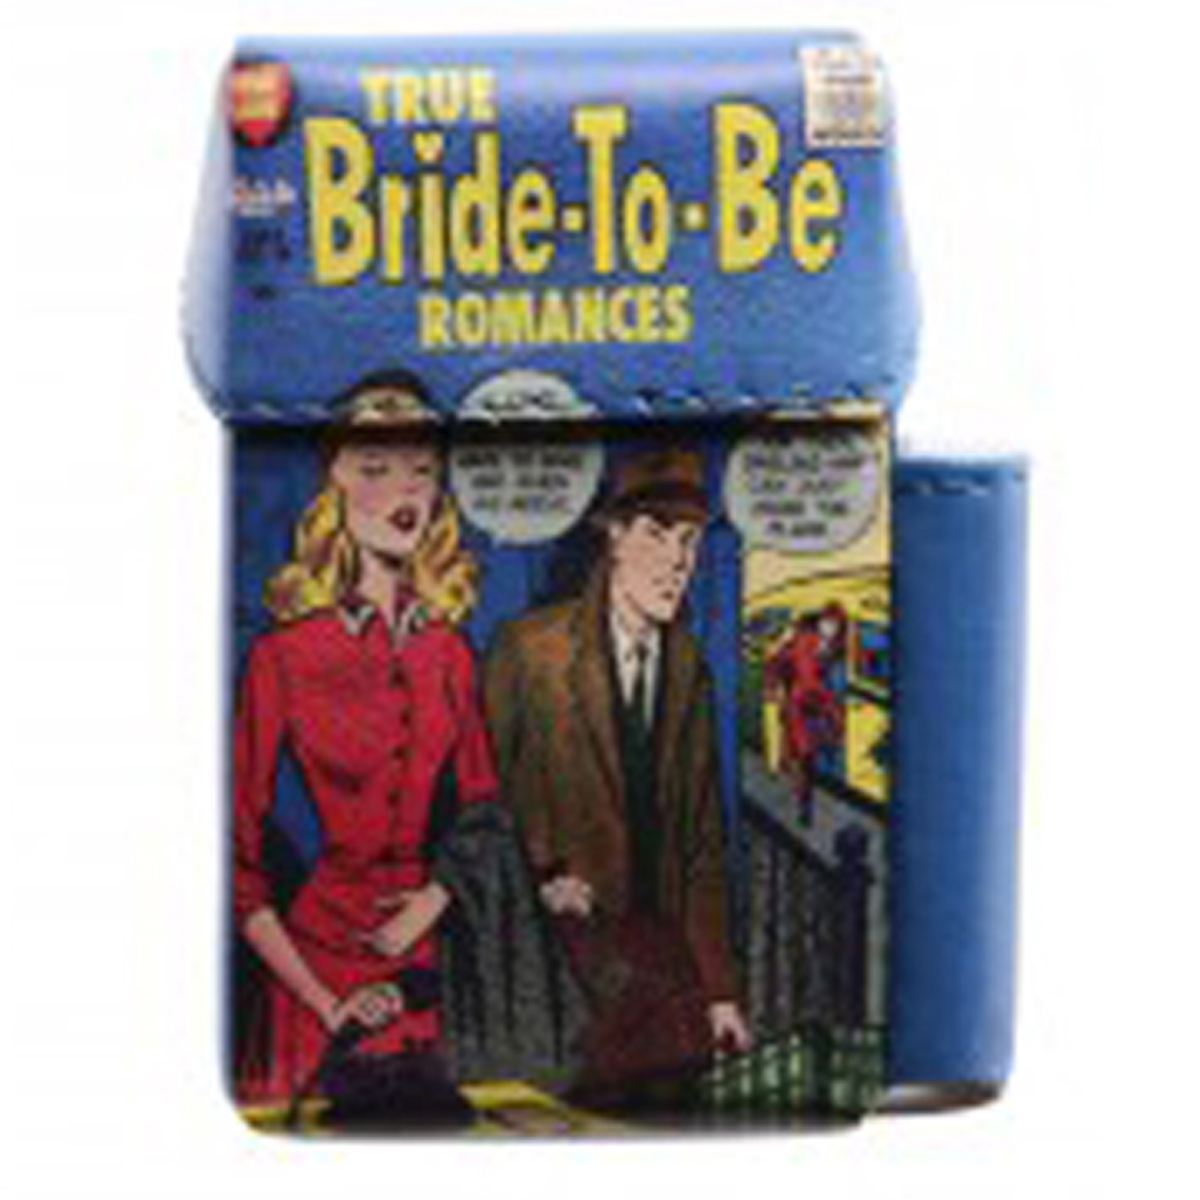 Etui paquet de cigarettes \'Bandes Dessinées\' vintage (True bride to be romances) - 93x55x25 mm - [Q3062]